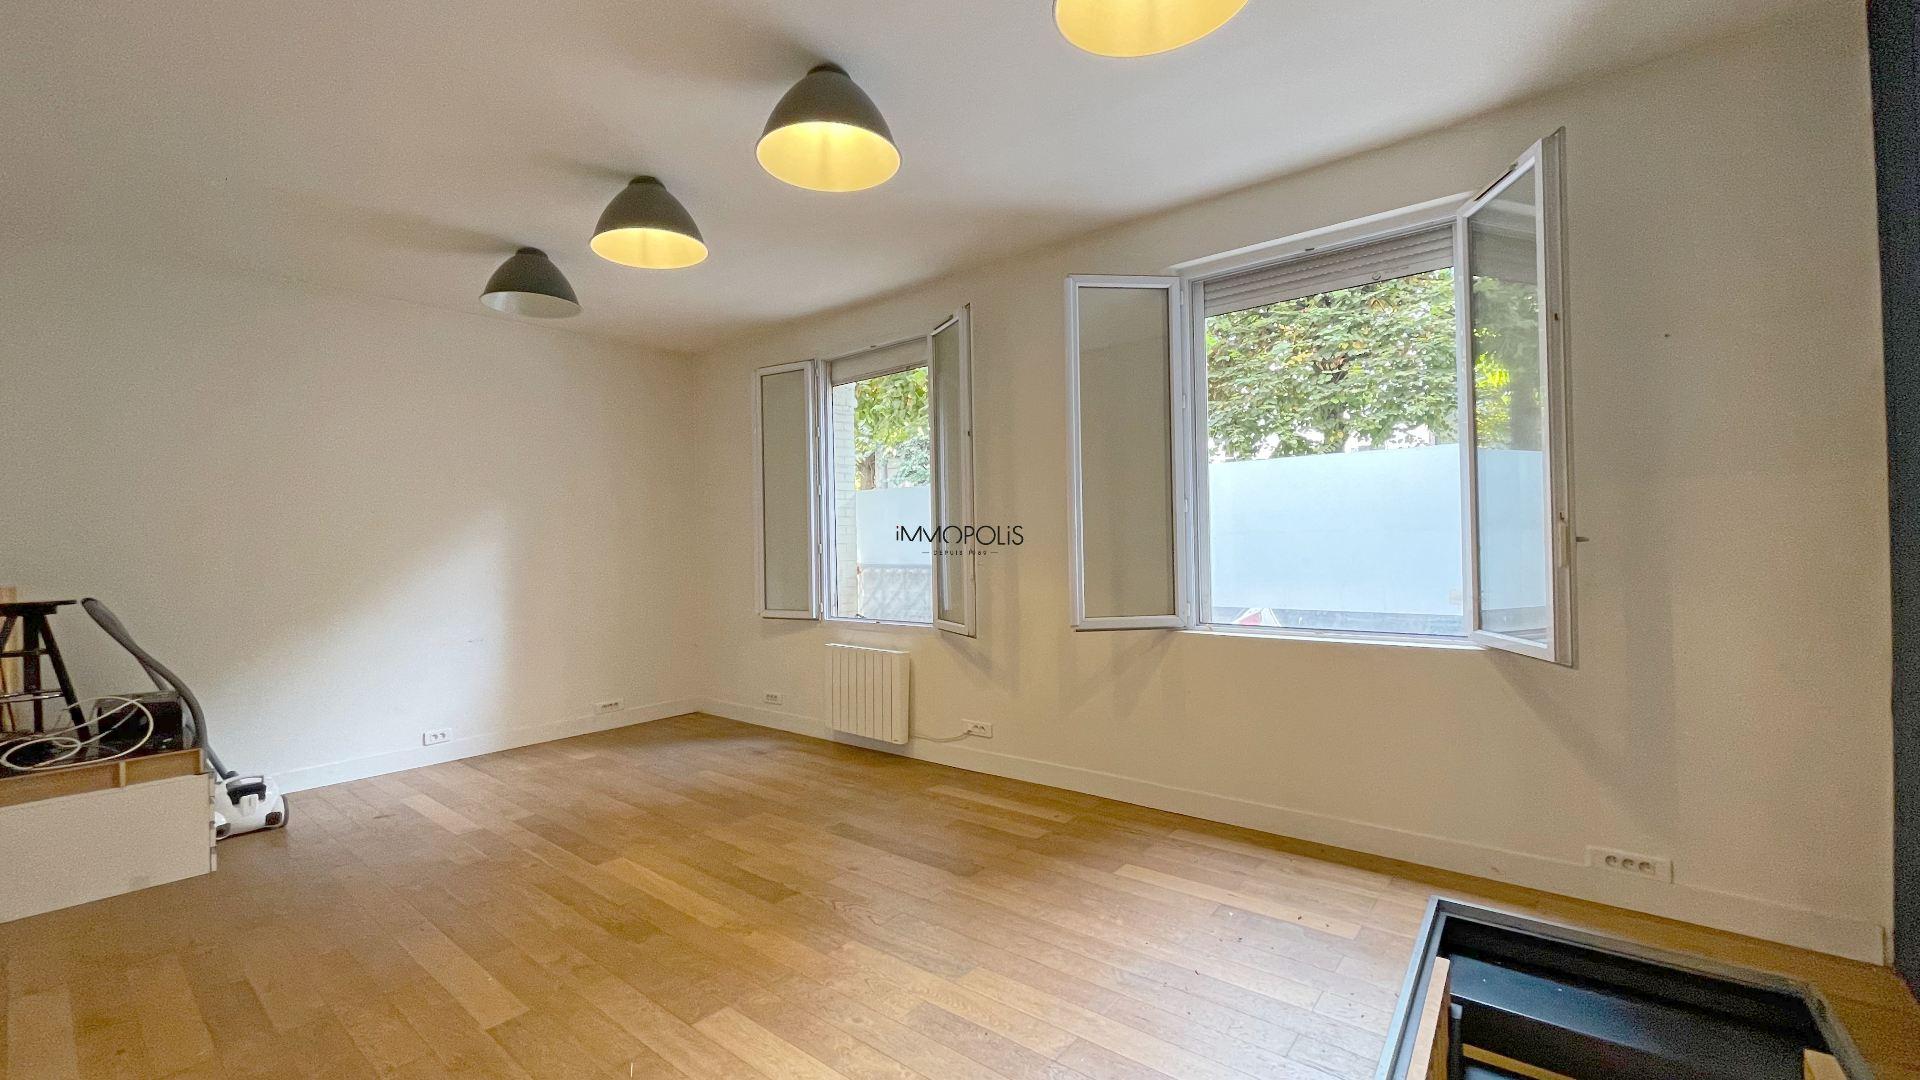 Saint Ouen, district Michelet / Dr. Bauer, in Rue Arboraée Quiet, magnificent souplex «like a house» 2